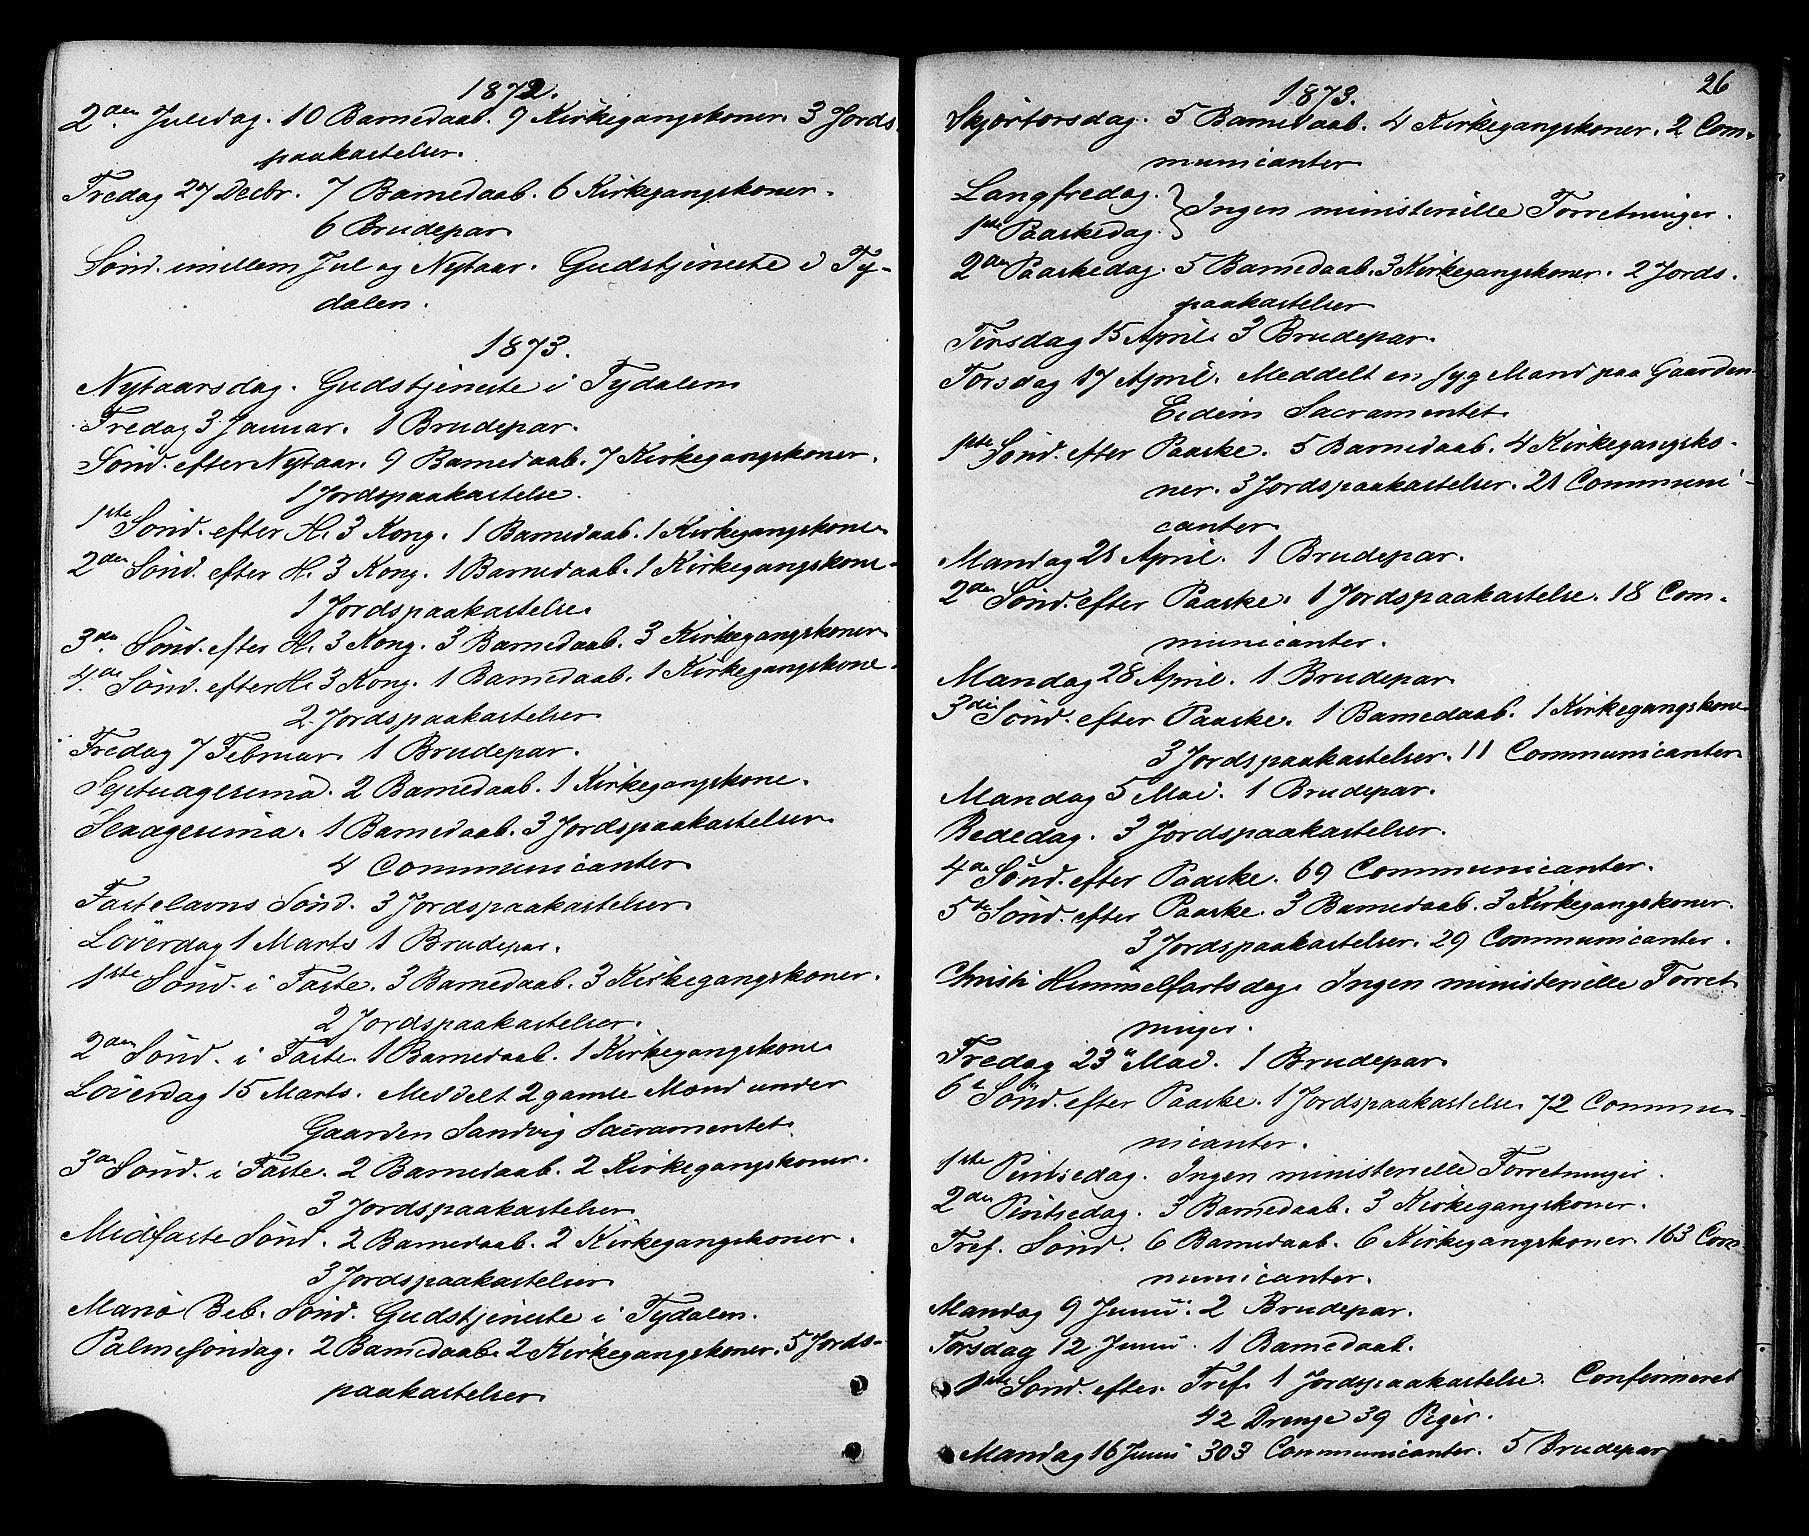 SAT, Ministerialprotokoller, klokkerbøker og fødselsregistre - Sør-Trøndelag, 695/L1147: Ministerialbok nr. 695A07, 1860-1877, s. 26